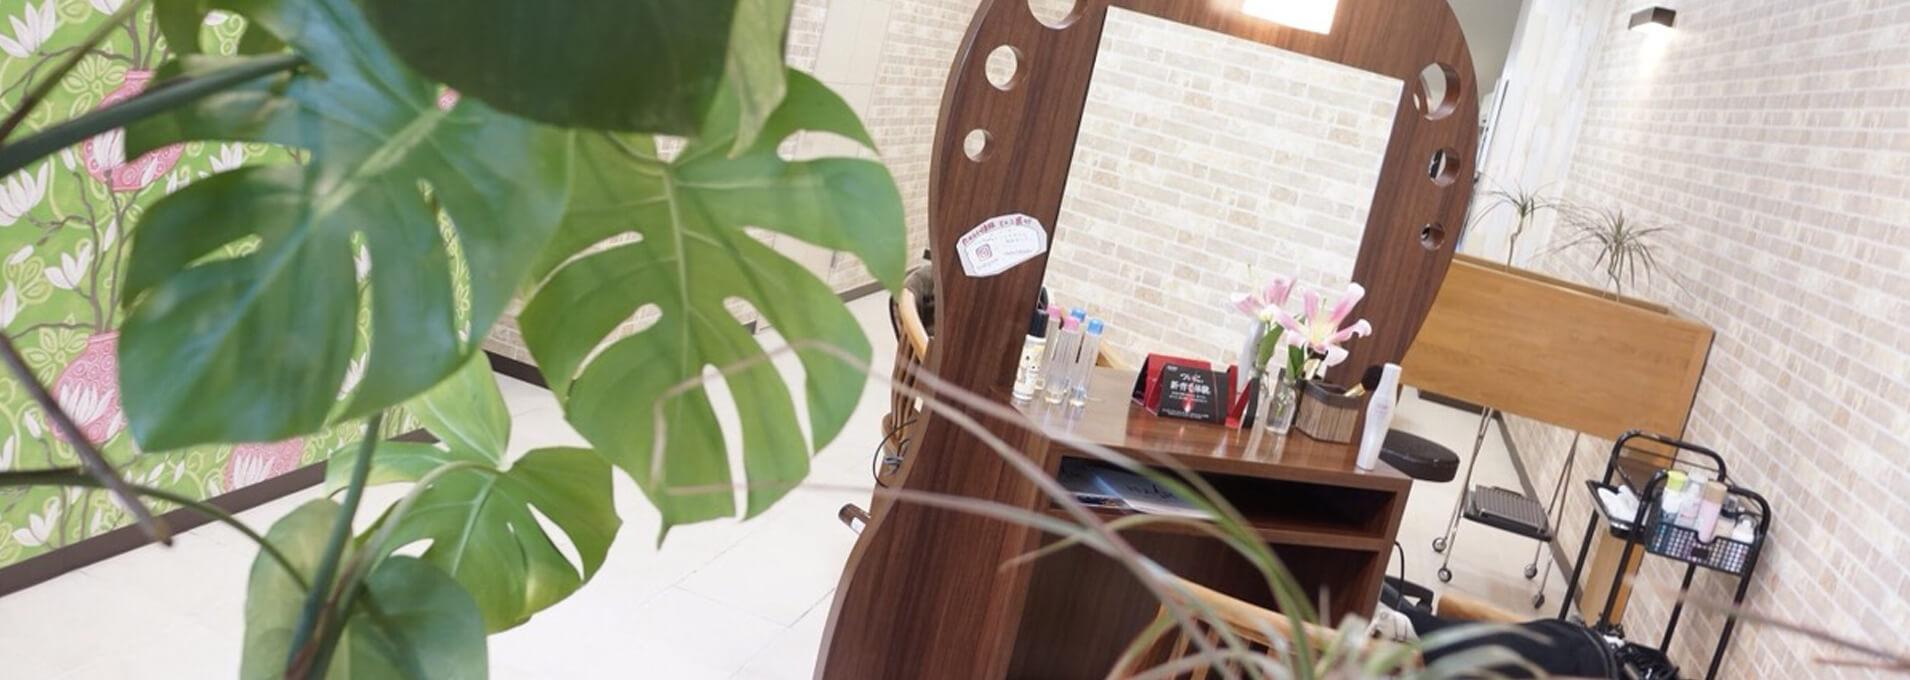 福岡市中央区黒門美容室SHAKA